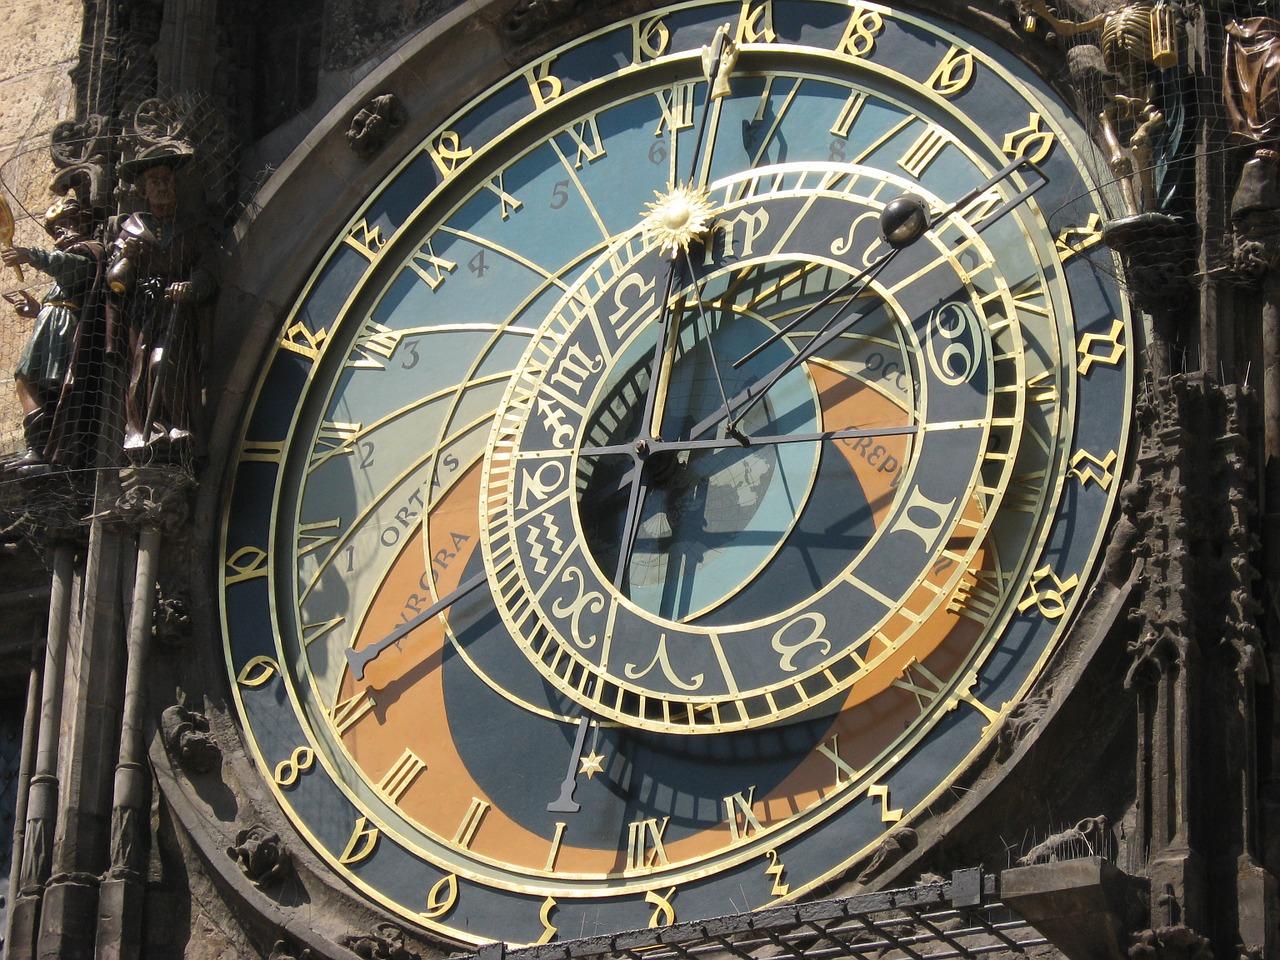 reloj de praga y nanotecnología